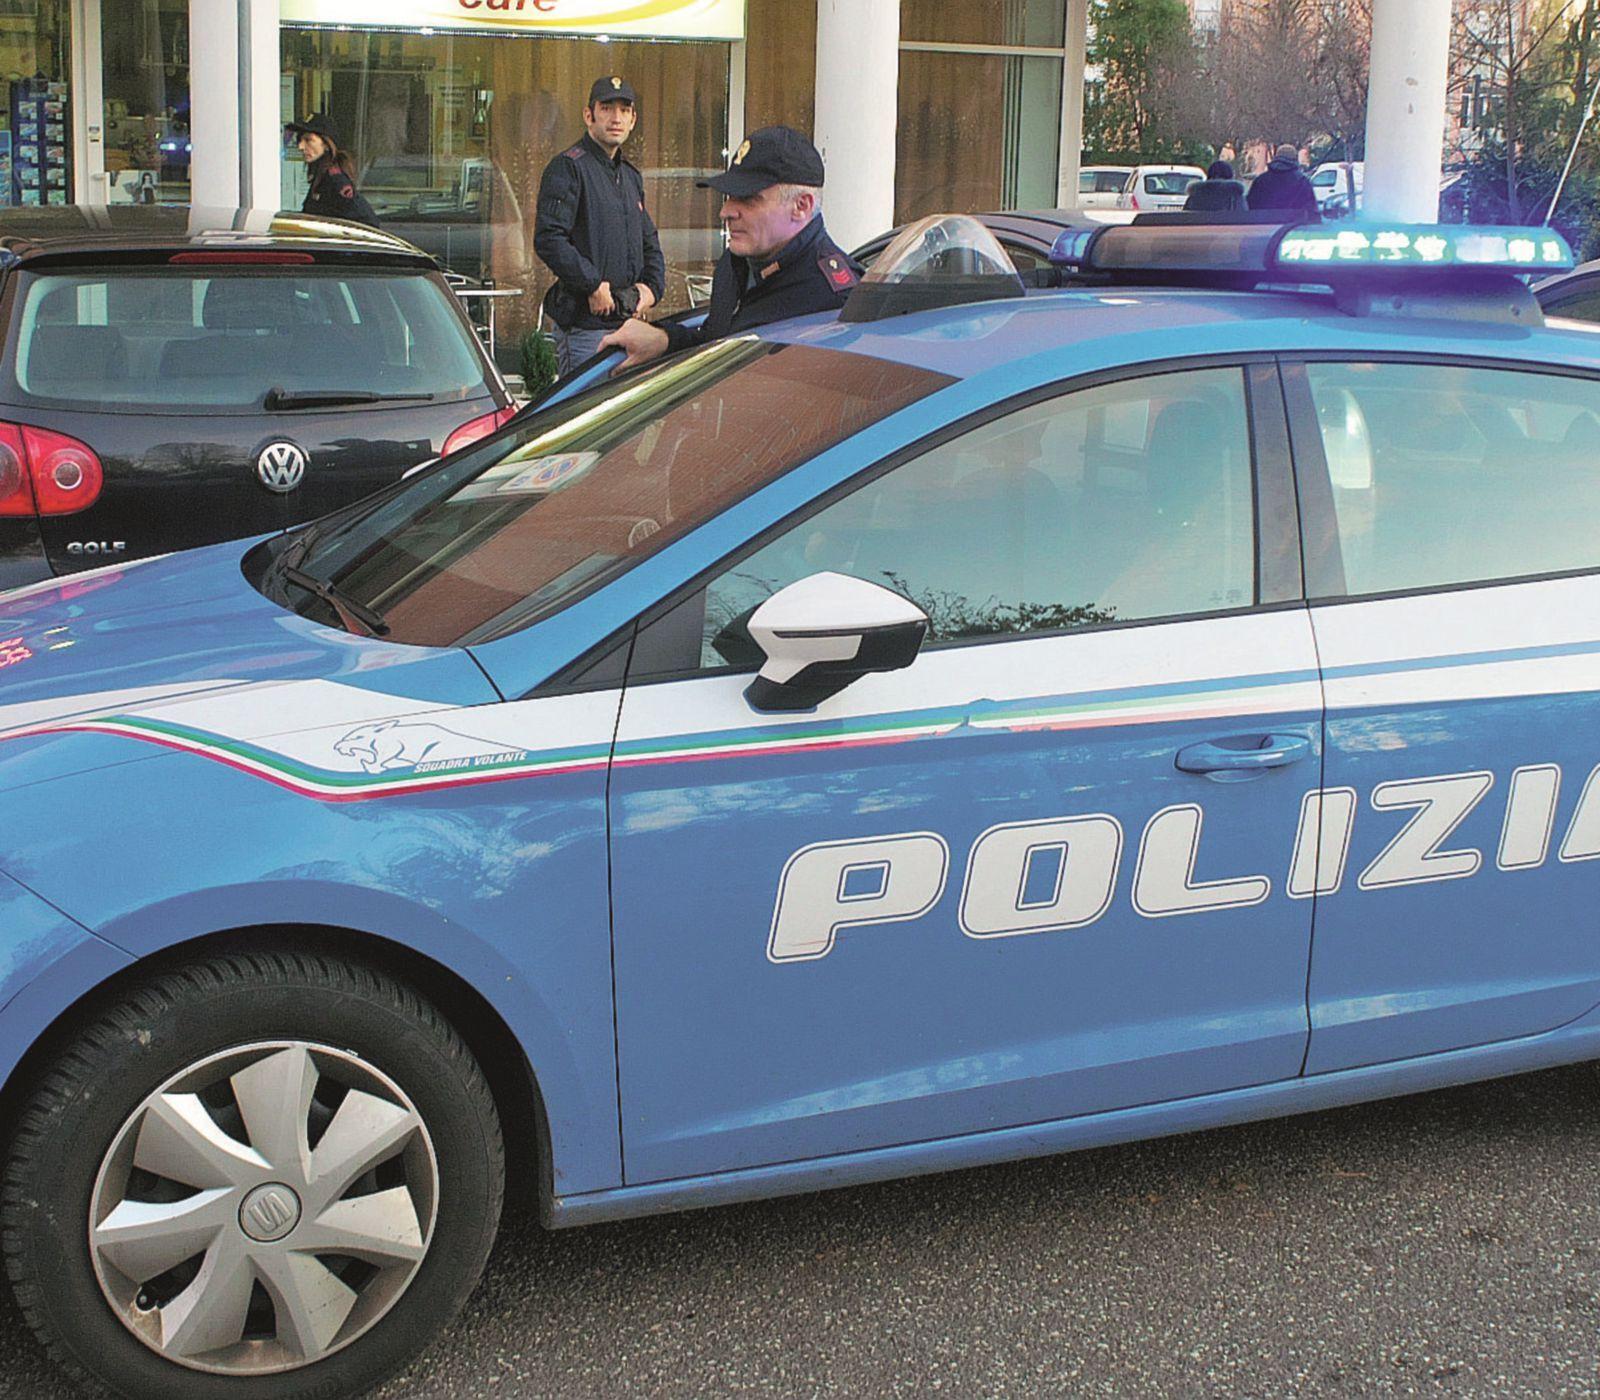 Nuovi guai per l'arrestato a Forlì dopo aver cercato di rapire 3 bimbe